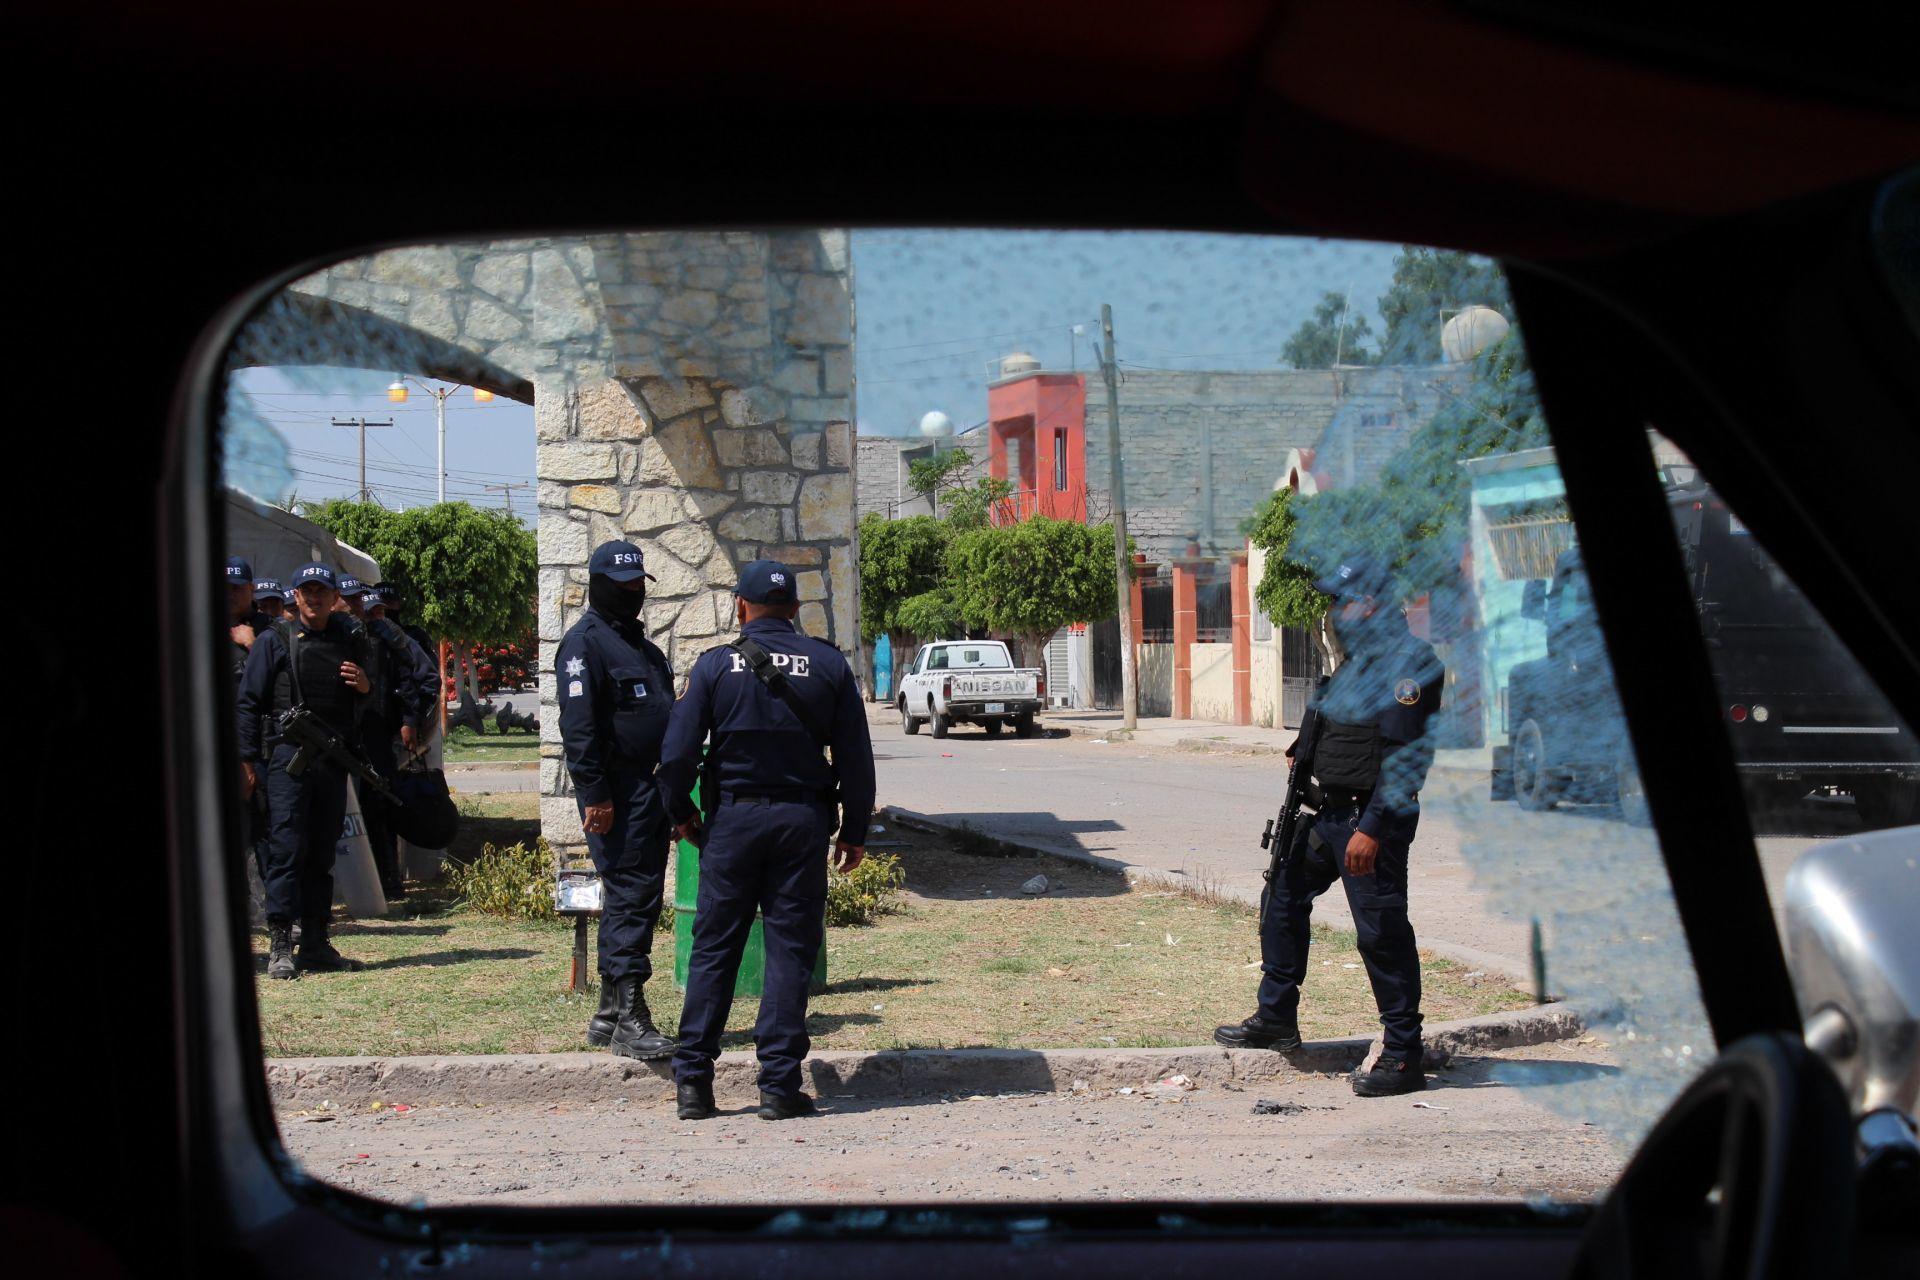 Madre de 'El Marro' queda en libertad por falta de pruebas e irregularidades en su detención